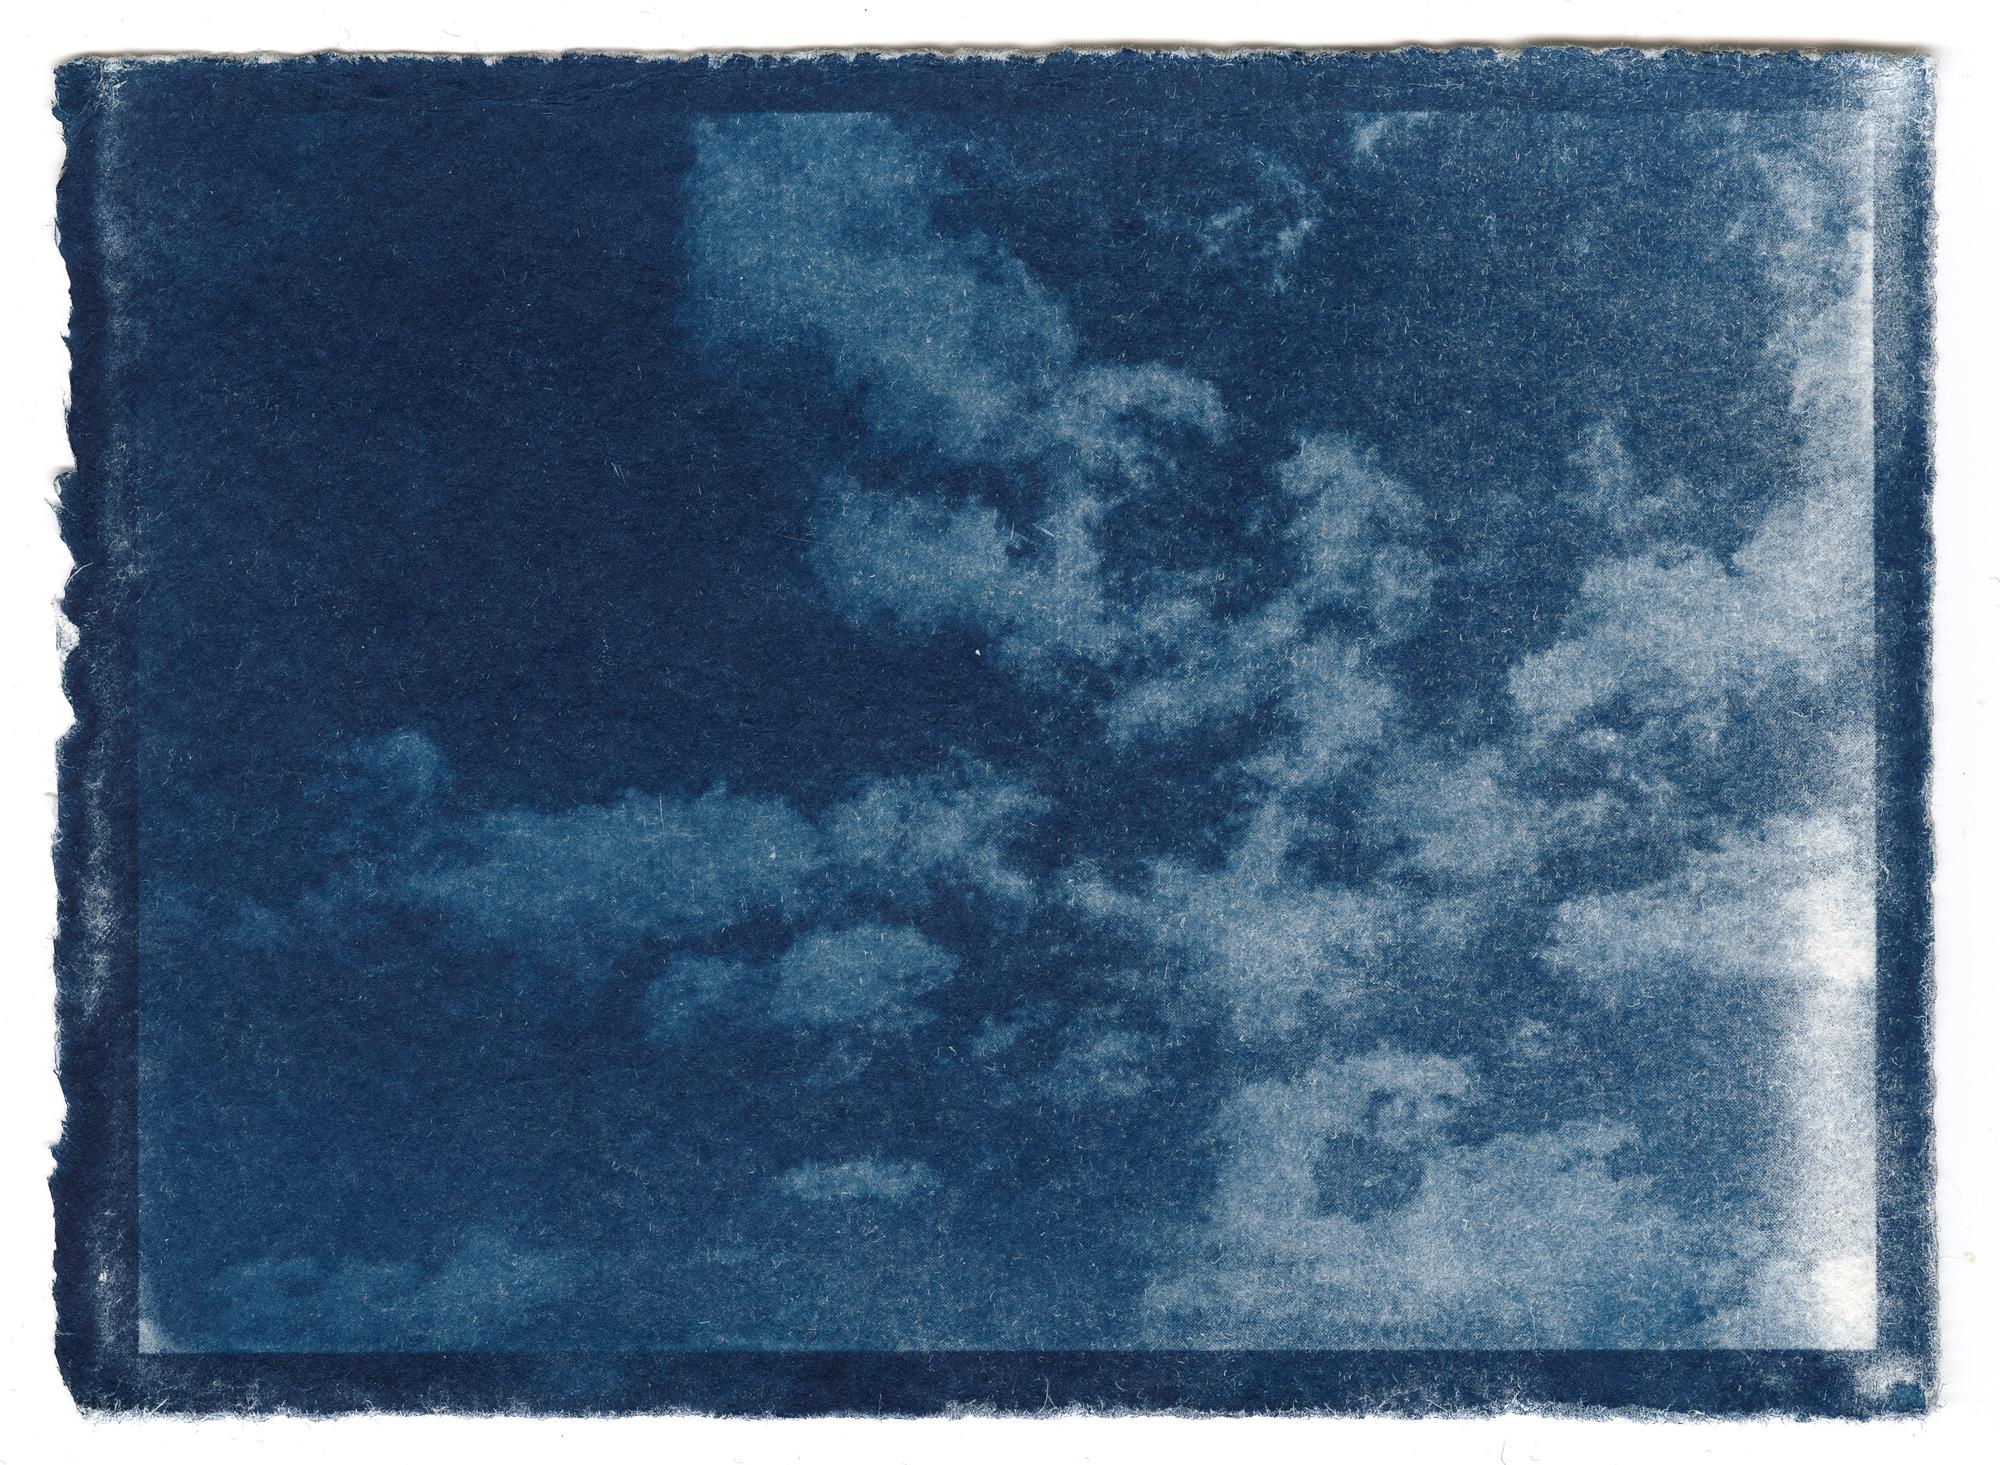 Sky 1 (38).jpg